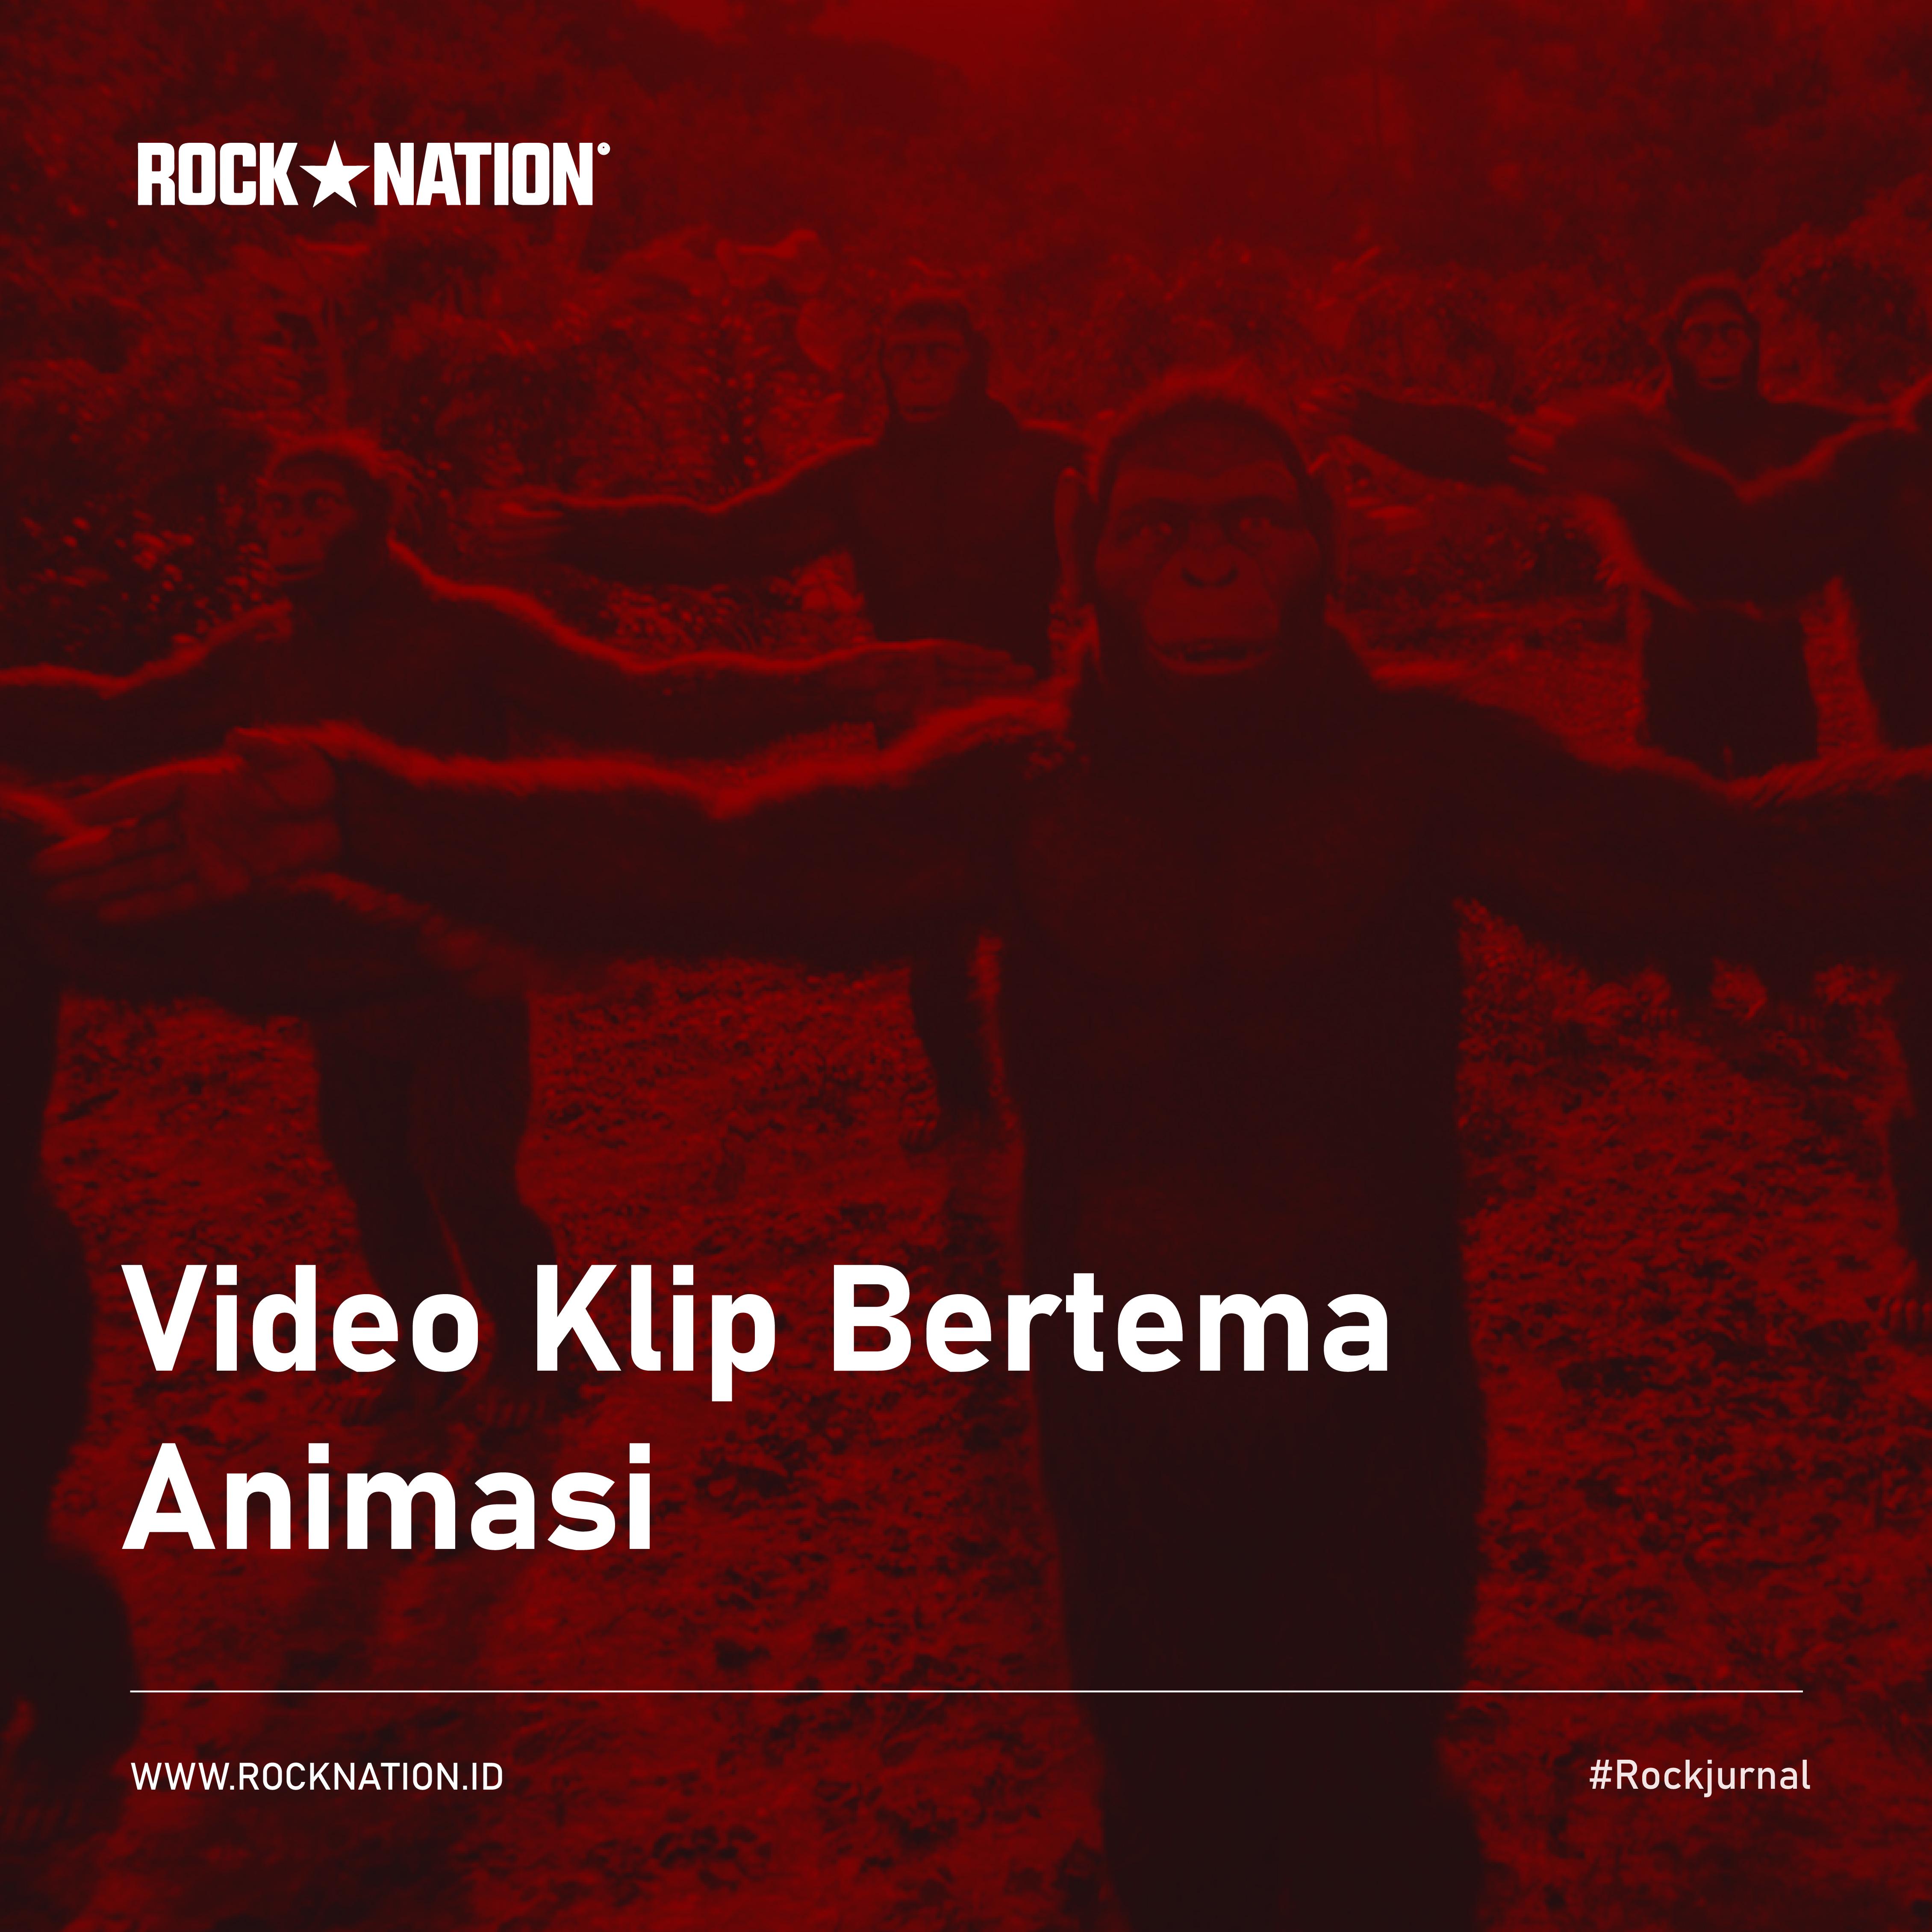 Video Klip Bertema Animasi image